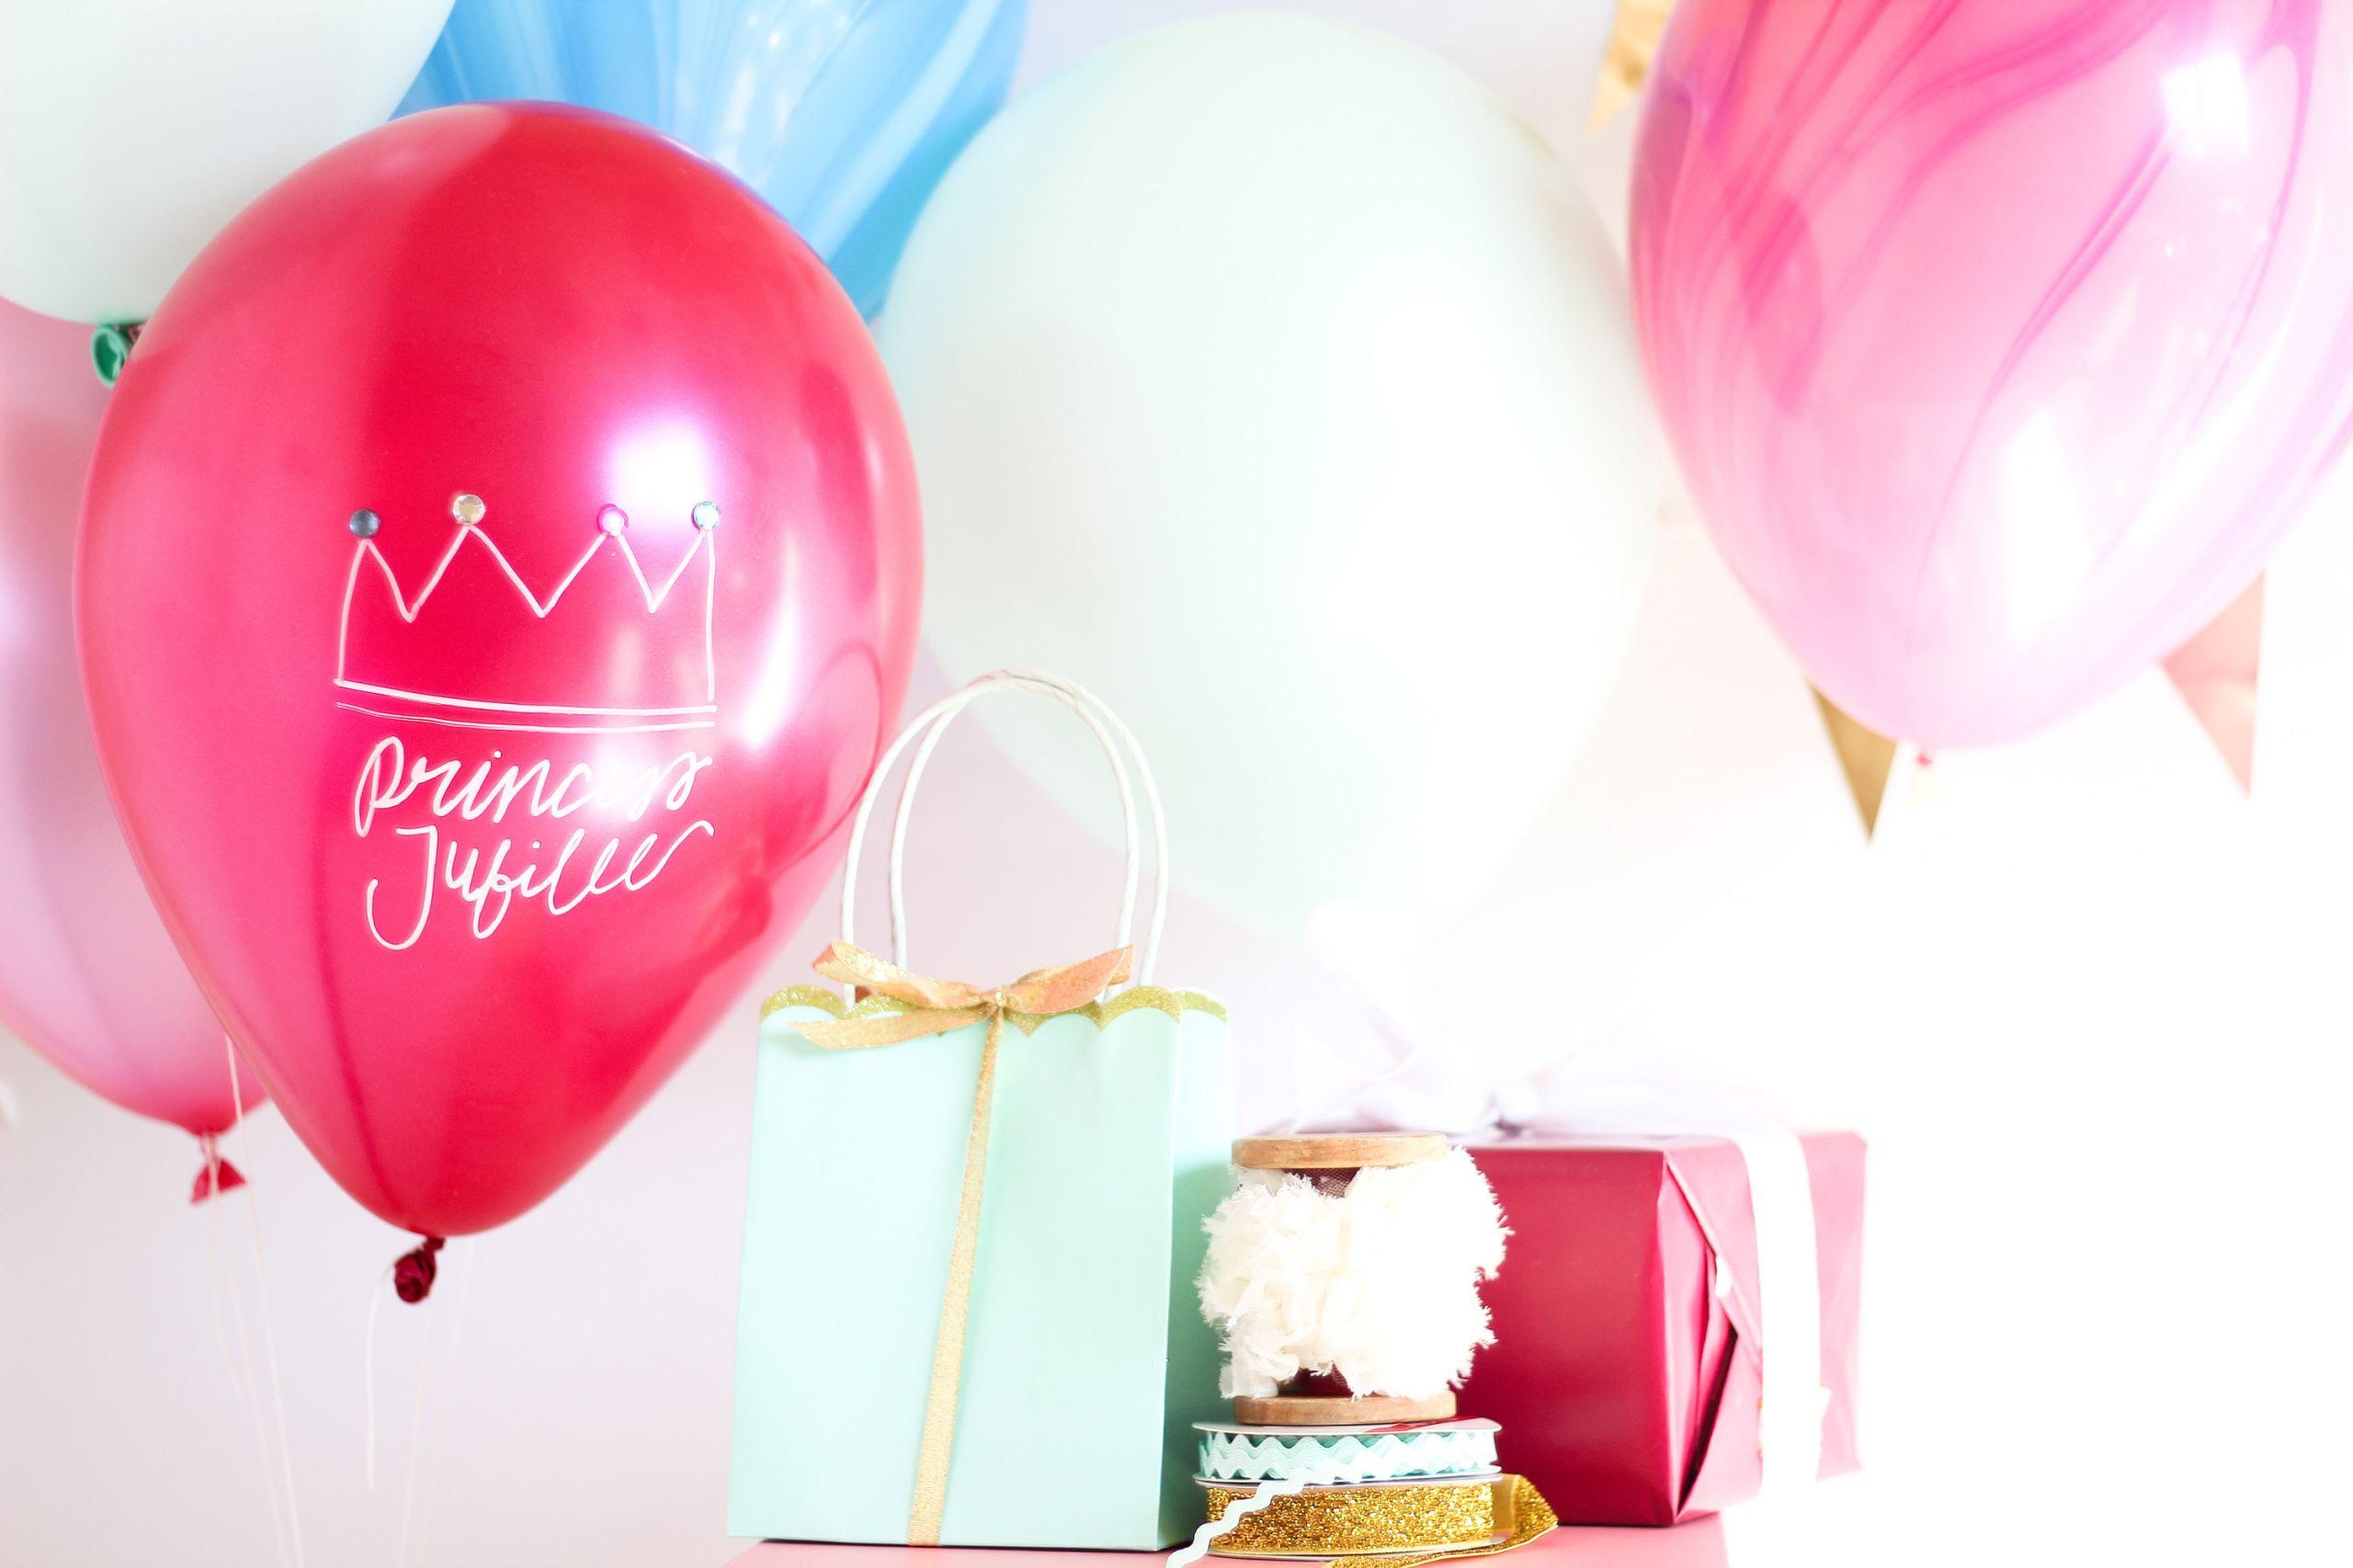 Balloon Birthday Invitations  Royal Princess Balloon Invitations Birthday